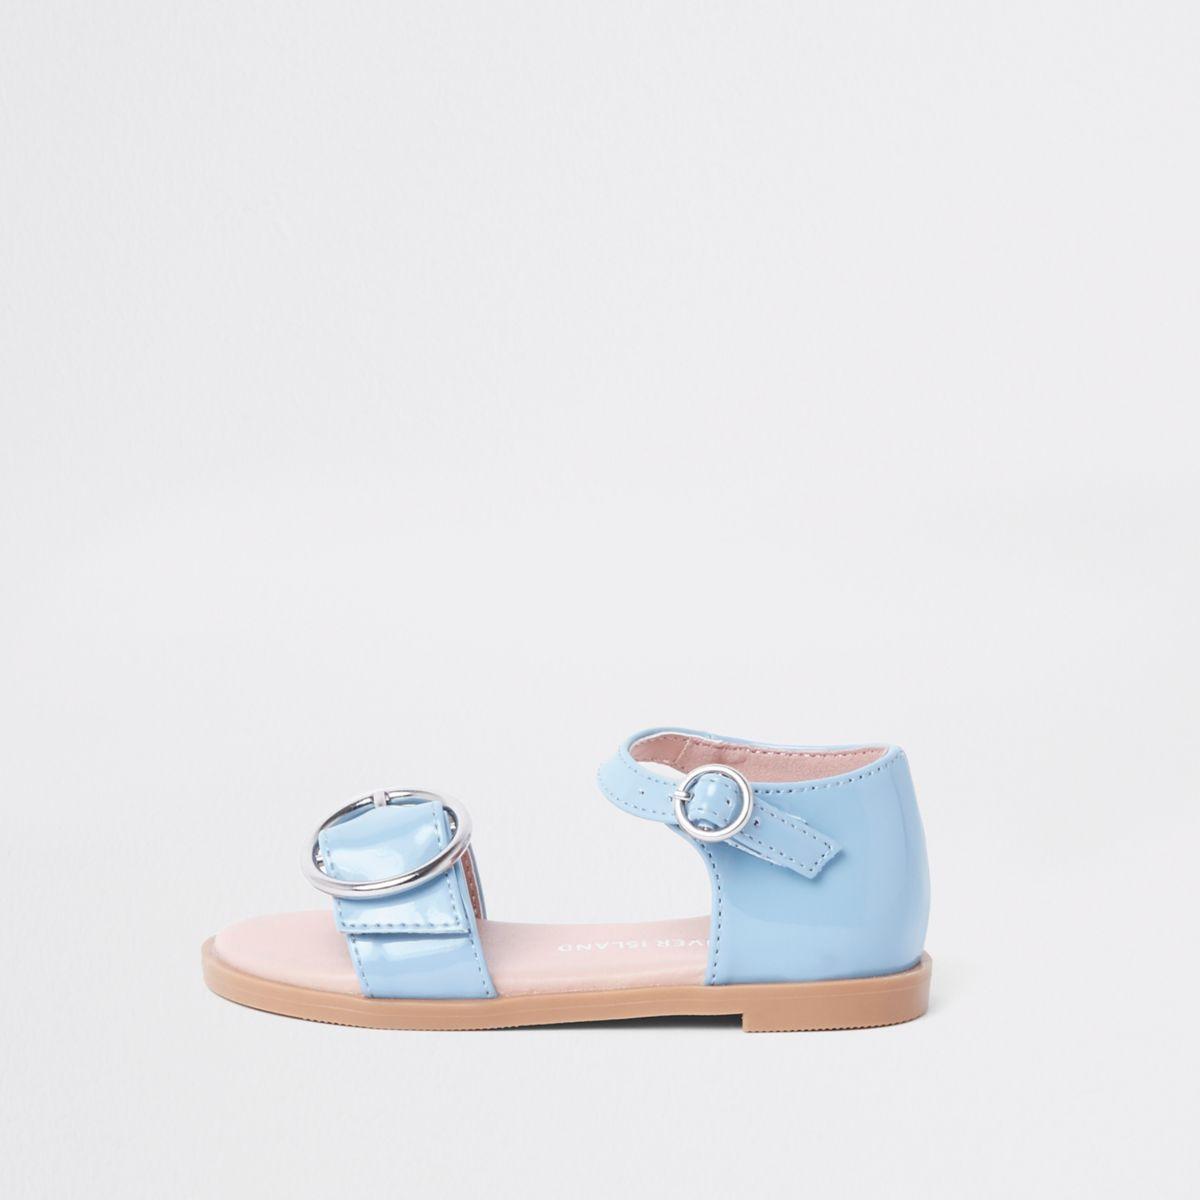 Sandales bleues vernies à boucle mini fille